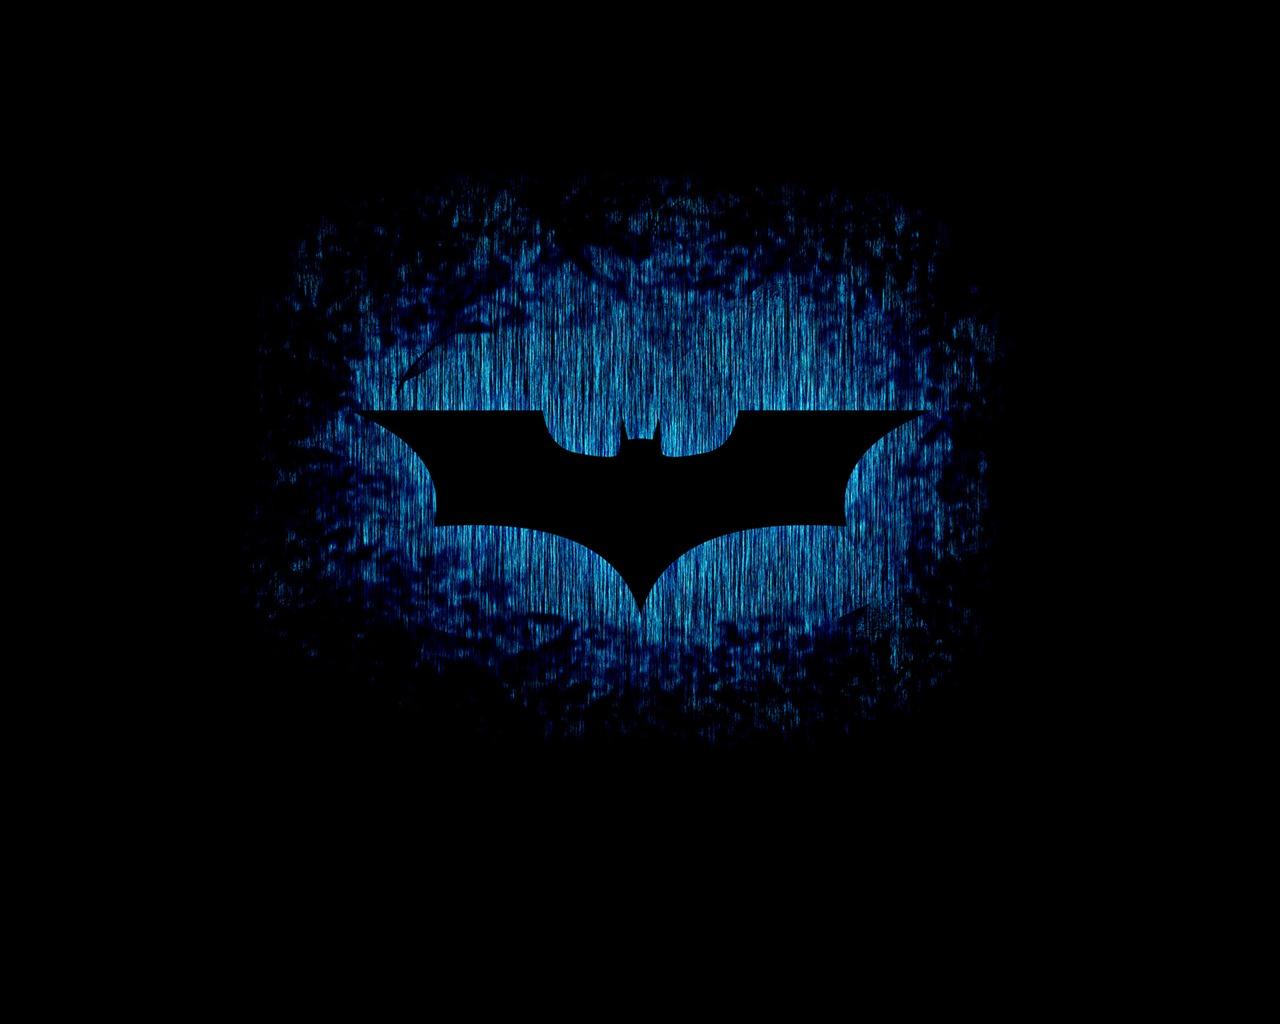 空岛_蝙蝠侠标志黑色-2017电影壁纸预览 | 10wallpaper.com